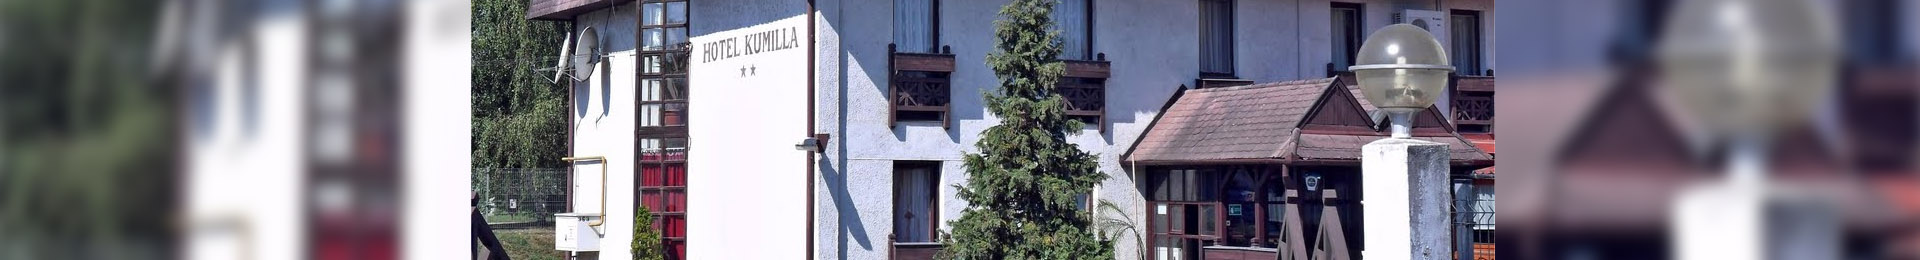 Szigetvári Hotel Kumilla***